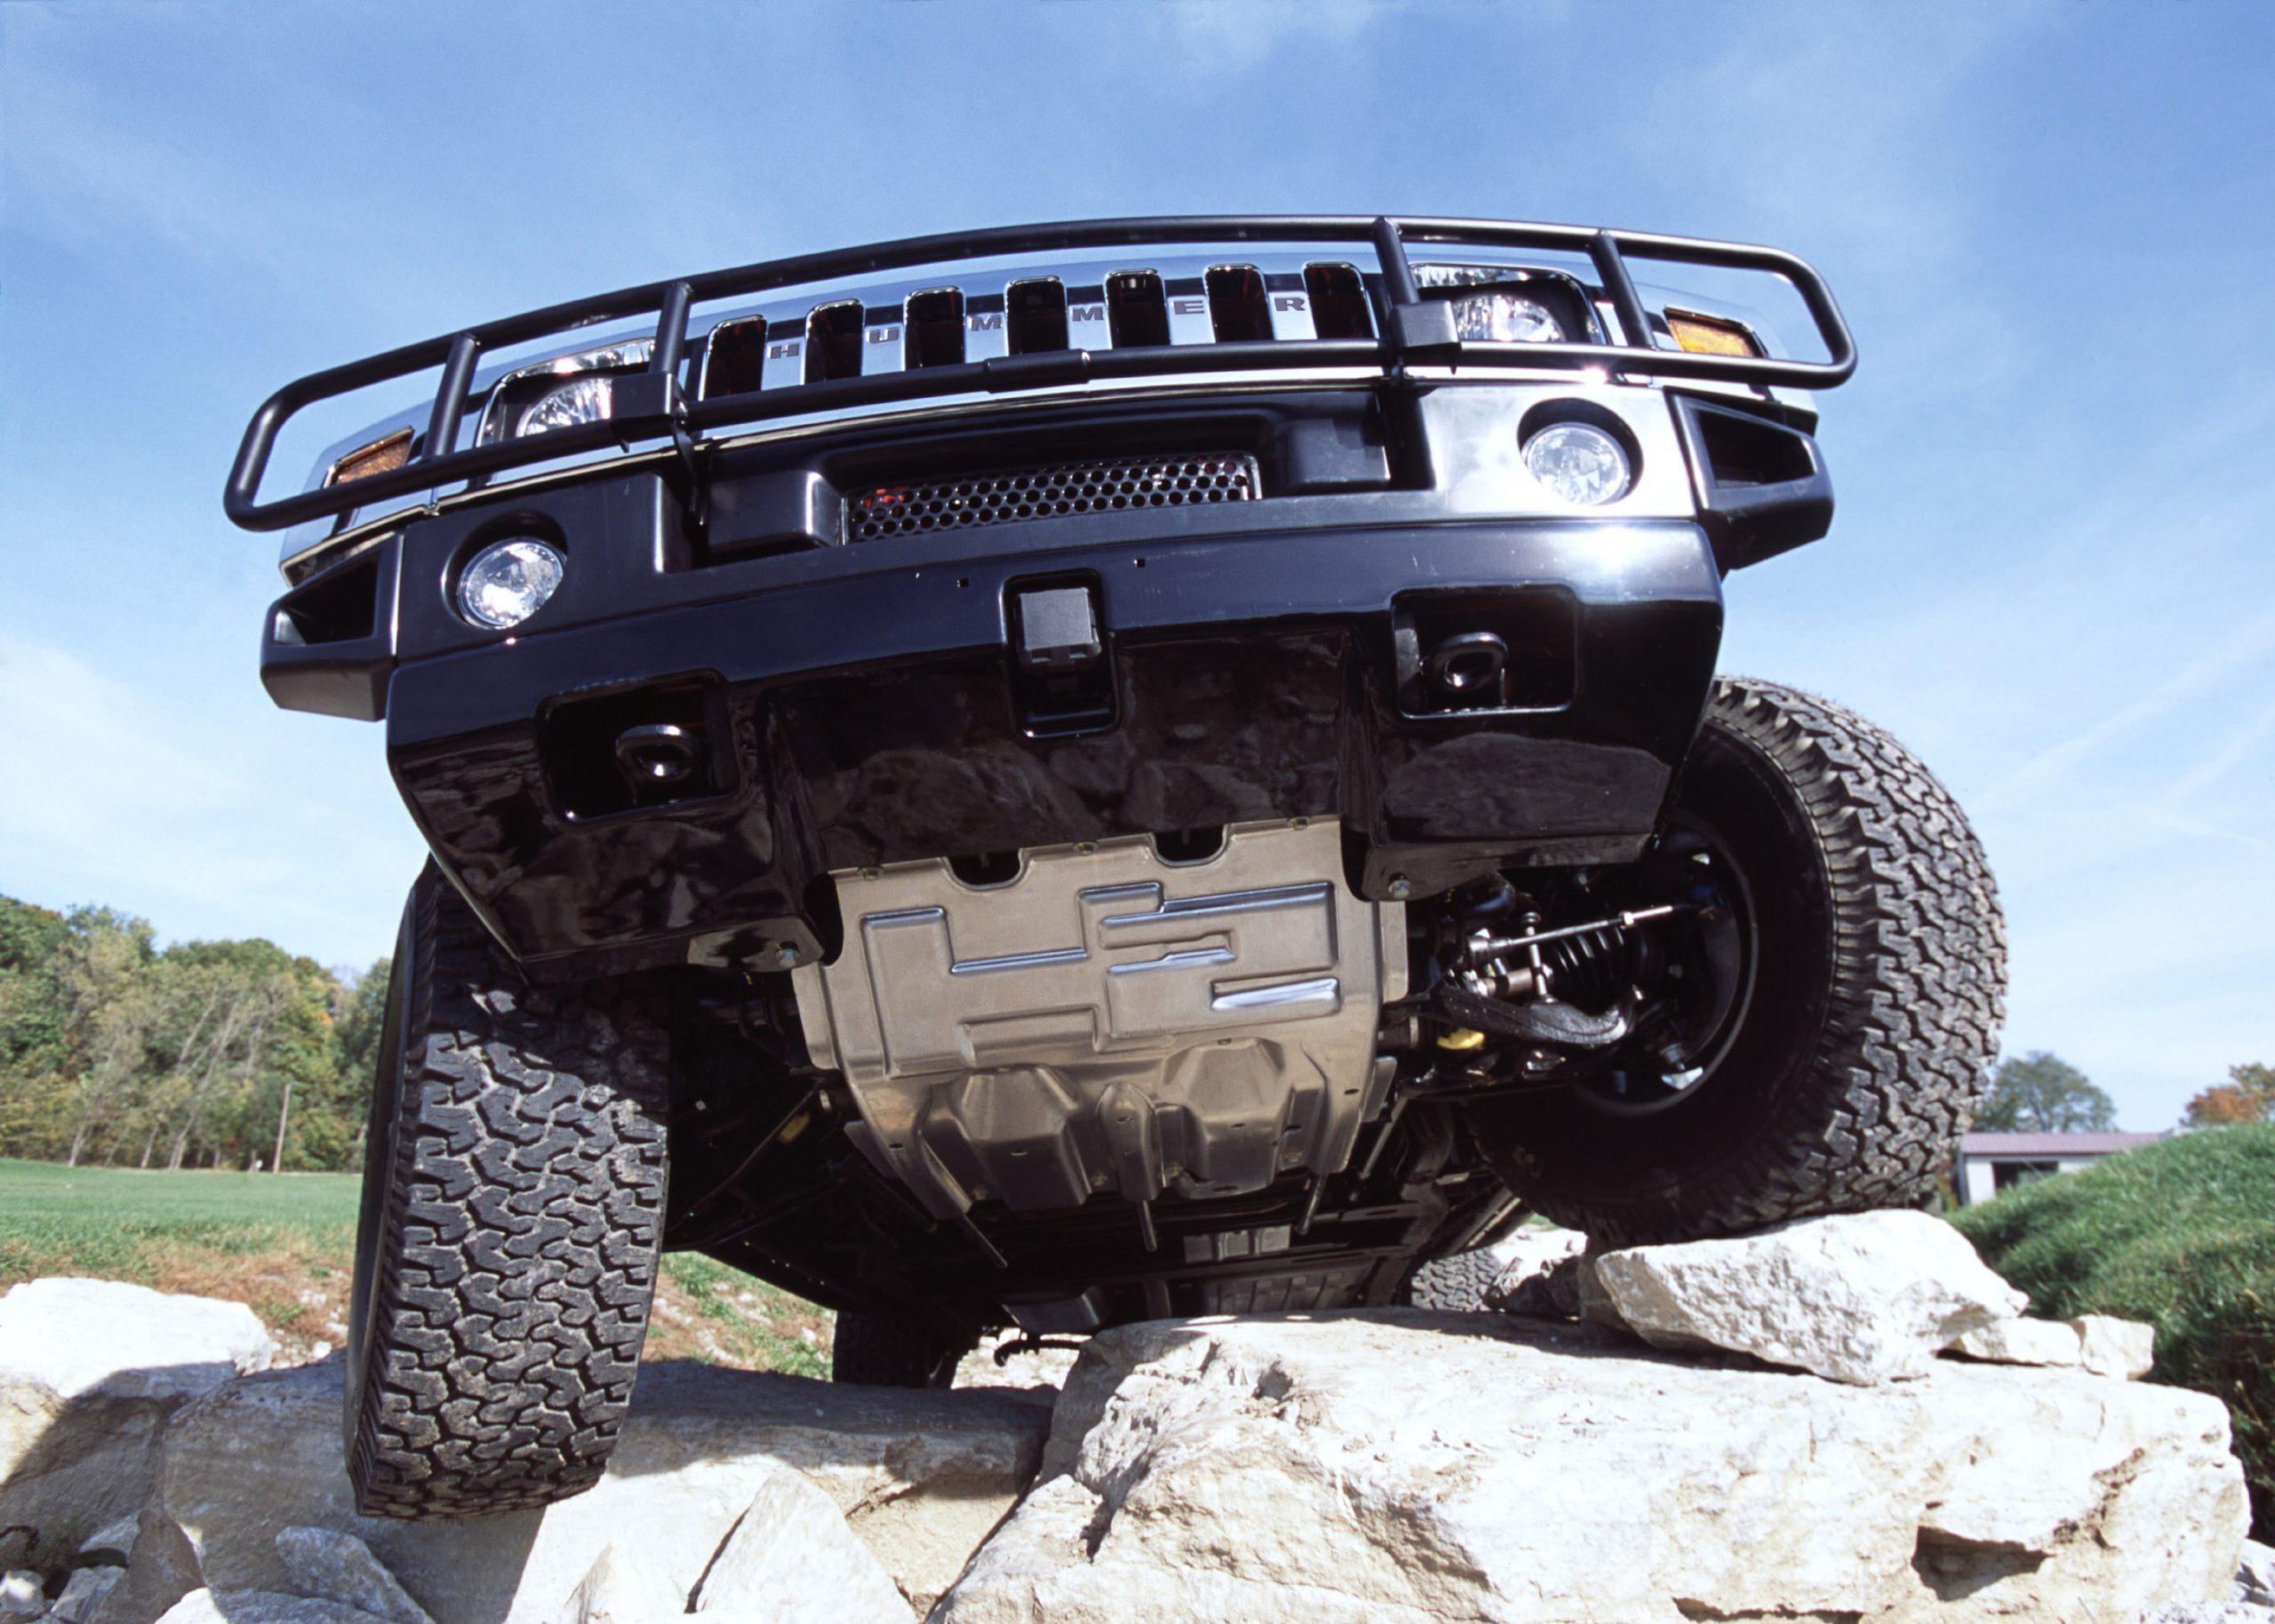 Hummer H2 front rock mount articulation